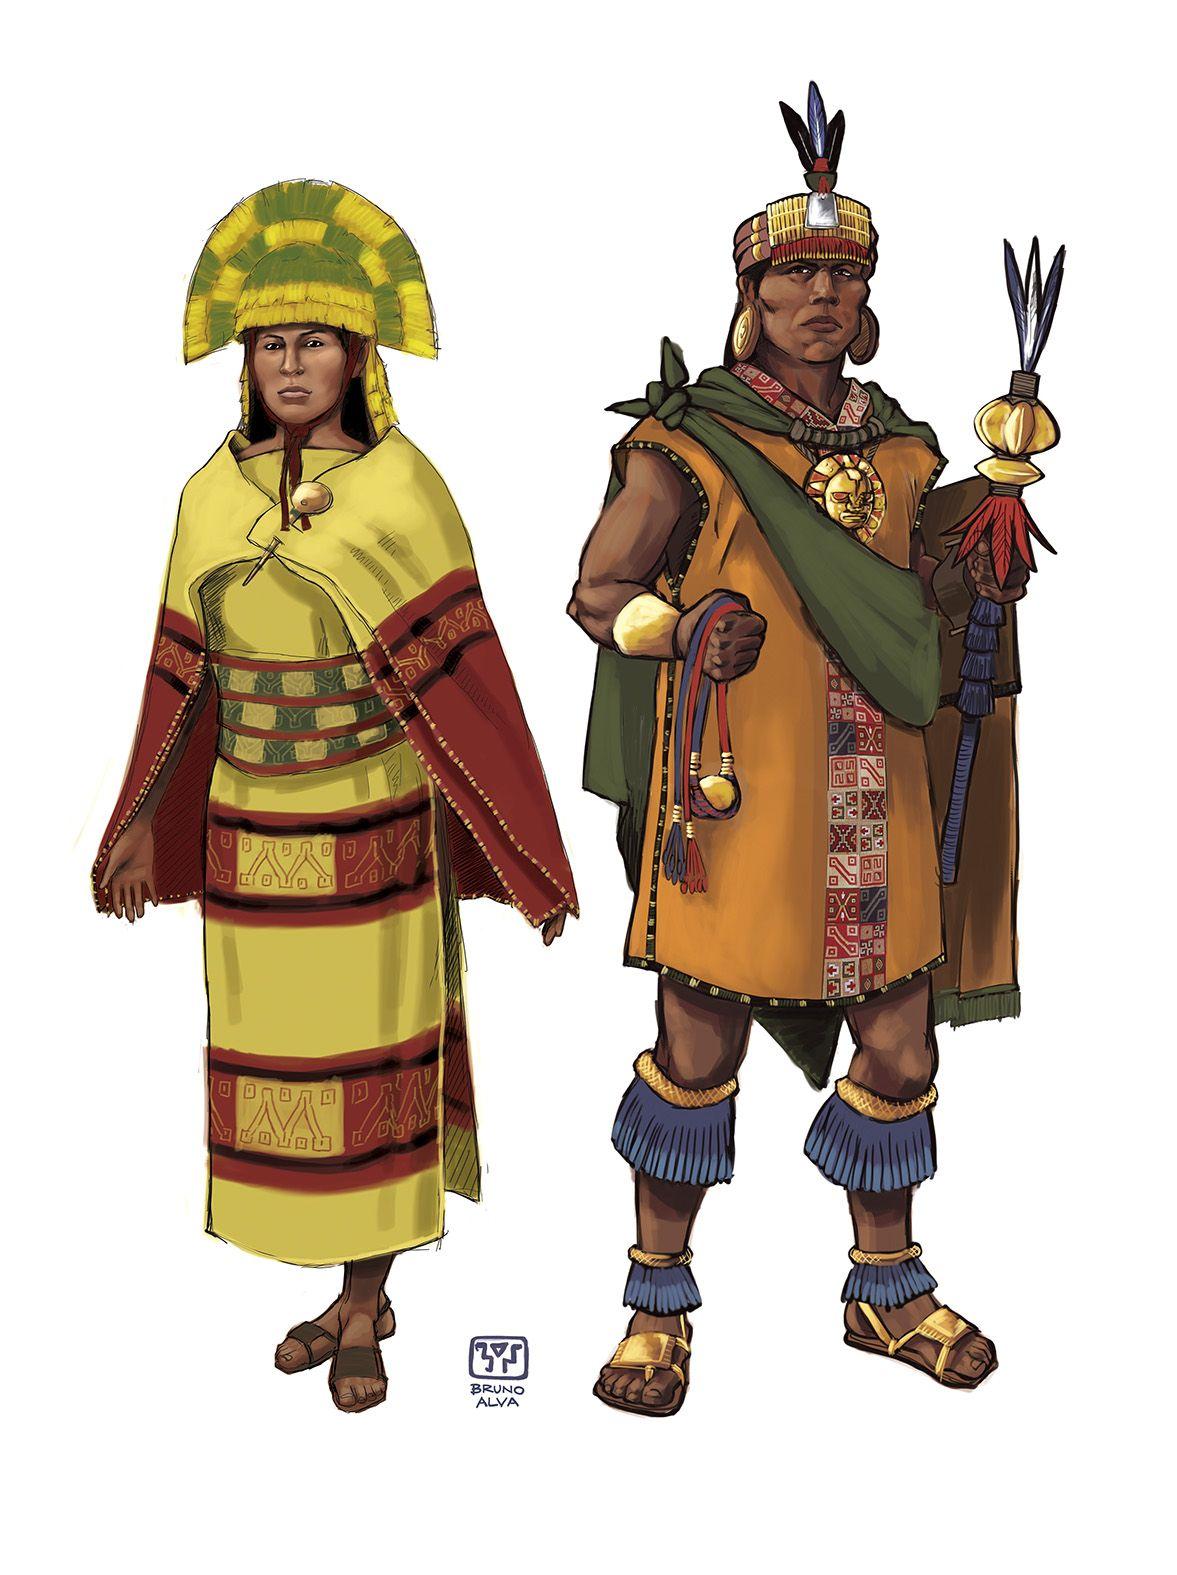 Representación de indumentaria de pareja real del imperio inca, basado en  las descripciones de diversos cronistas | Inca art, Historical illustration,  Peruvian art